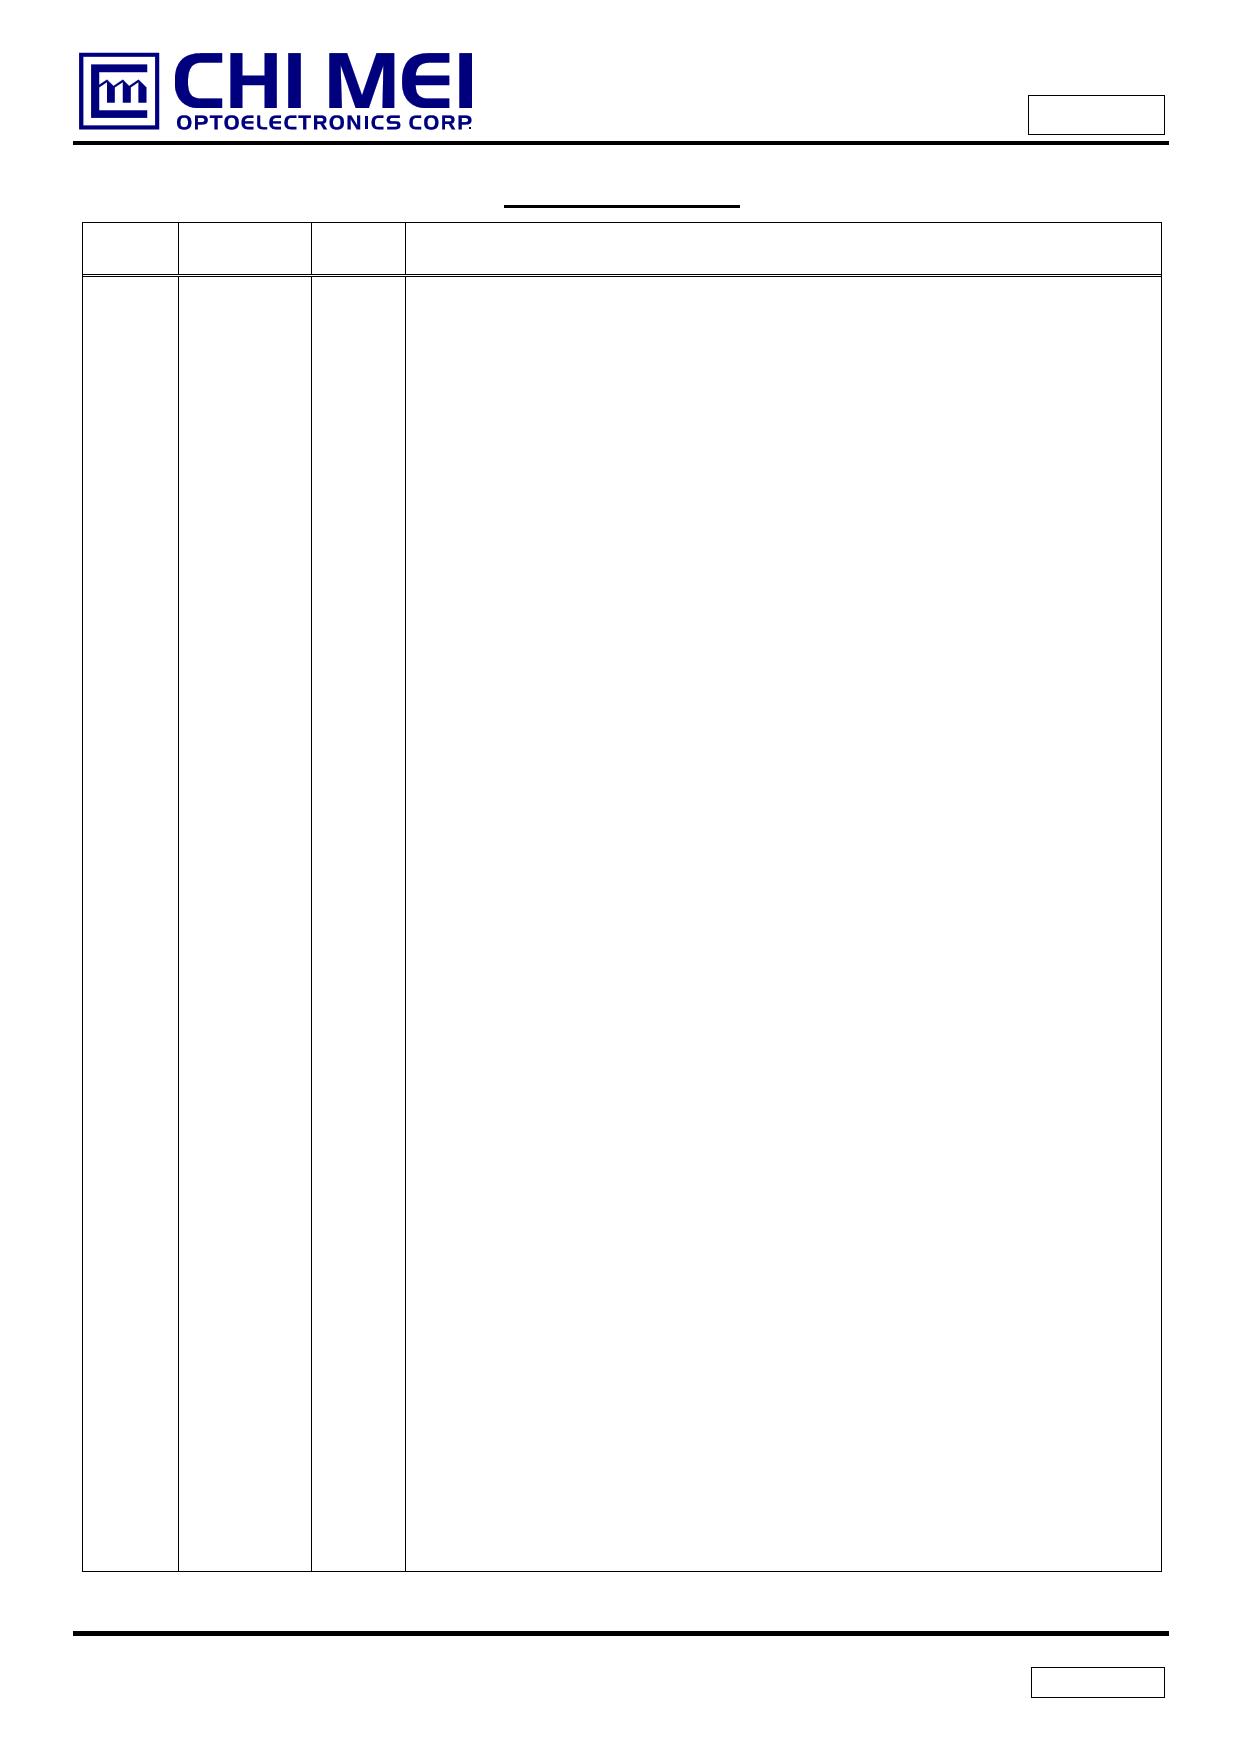 G070Y3-T01 pdf, 電子部品, 半導体, ピン配列